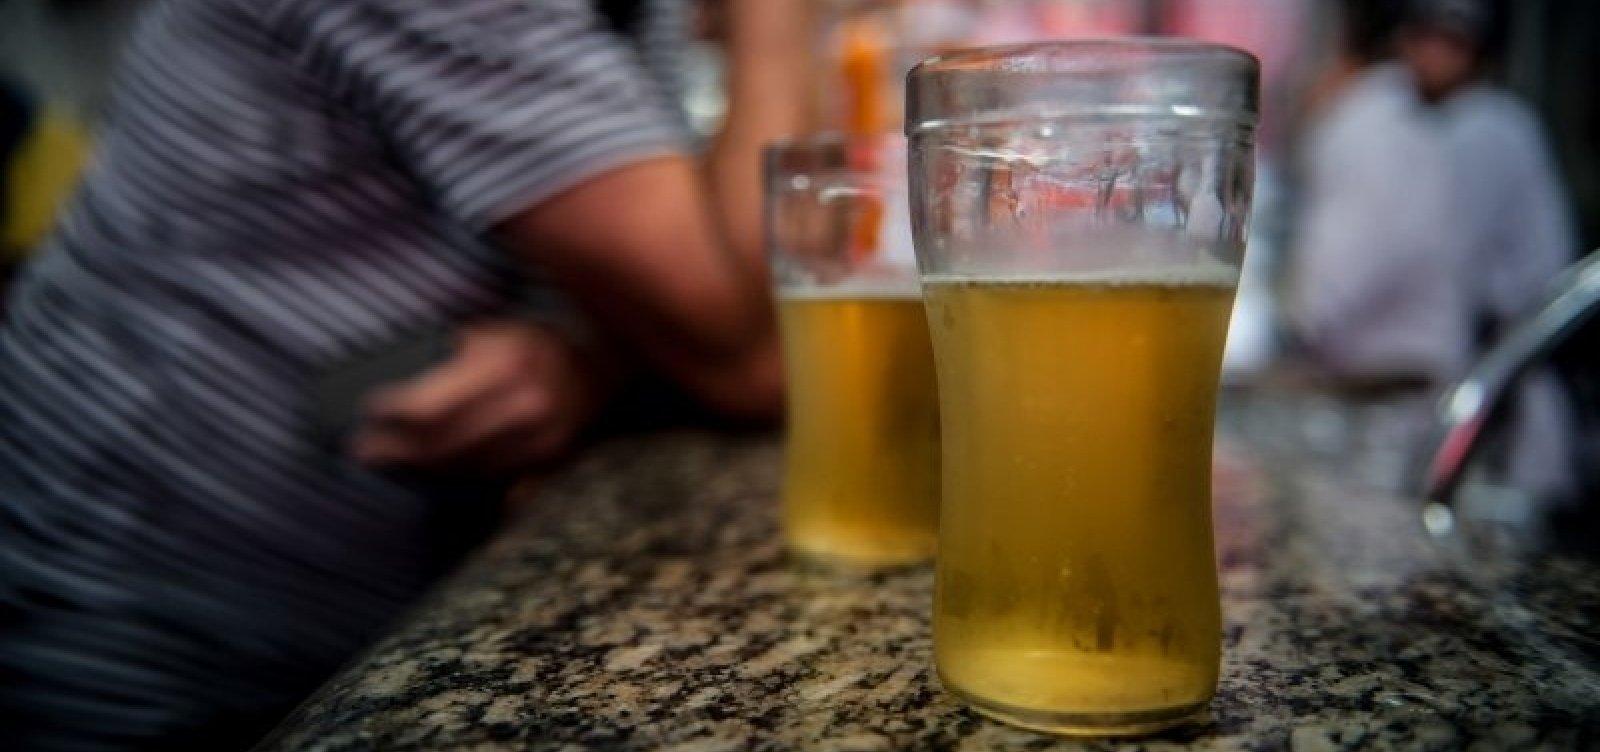 Governo flexibiliza decreto e autoriza venda de bebidas alcóolicas no fim de semana